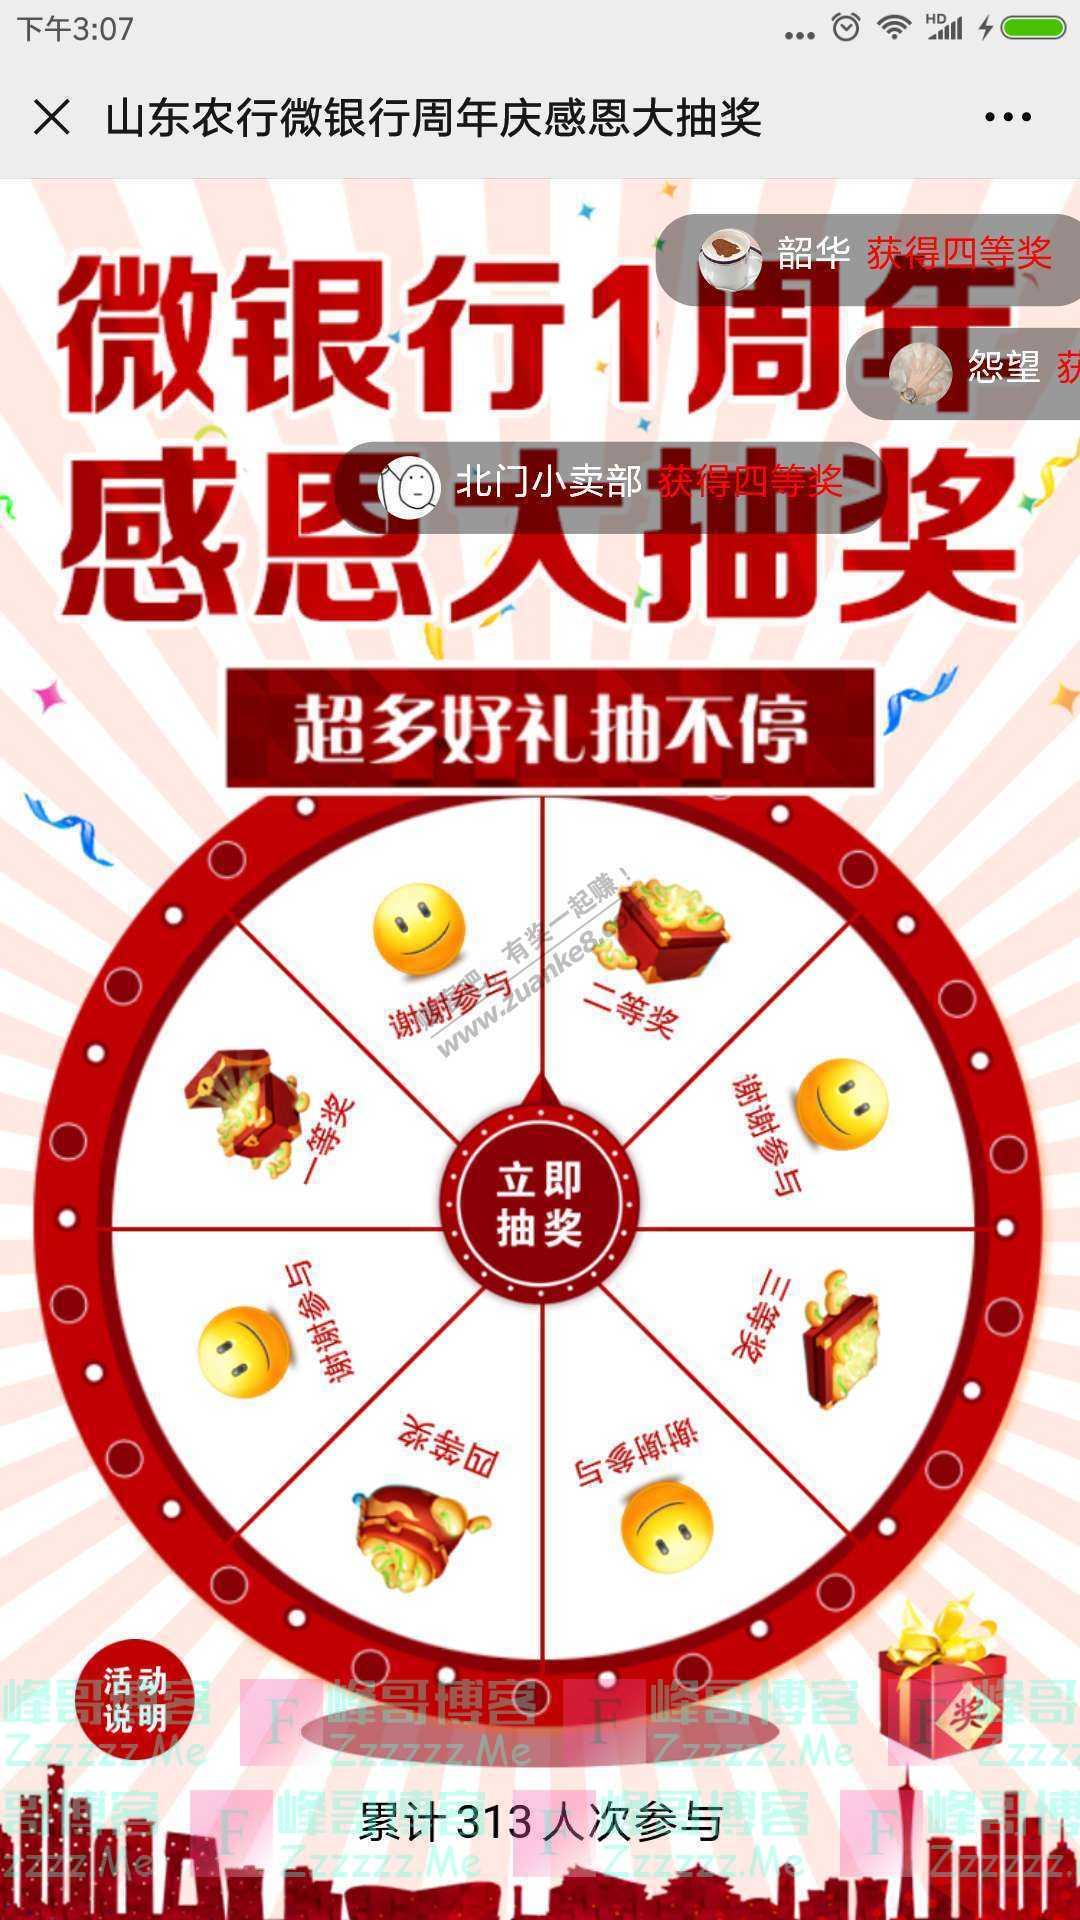 山东农行微银行山东农行微银行周年庆,千元好礼(截止7月19日)